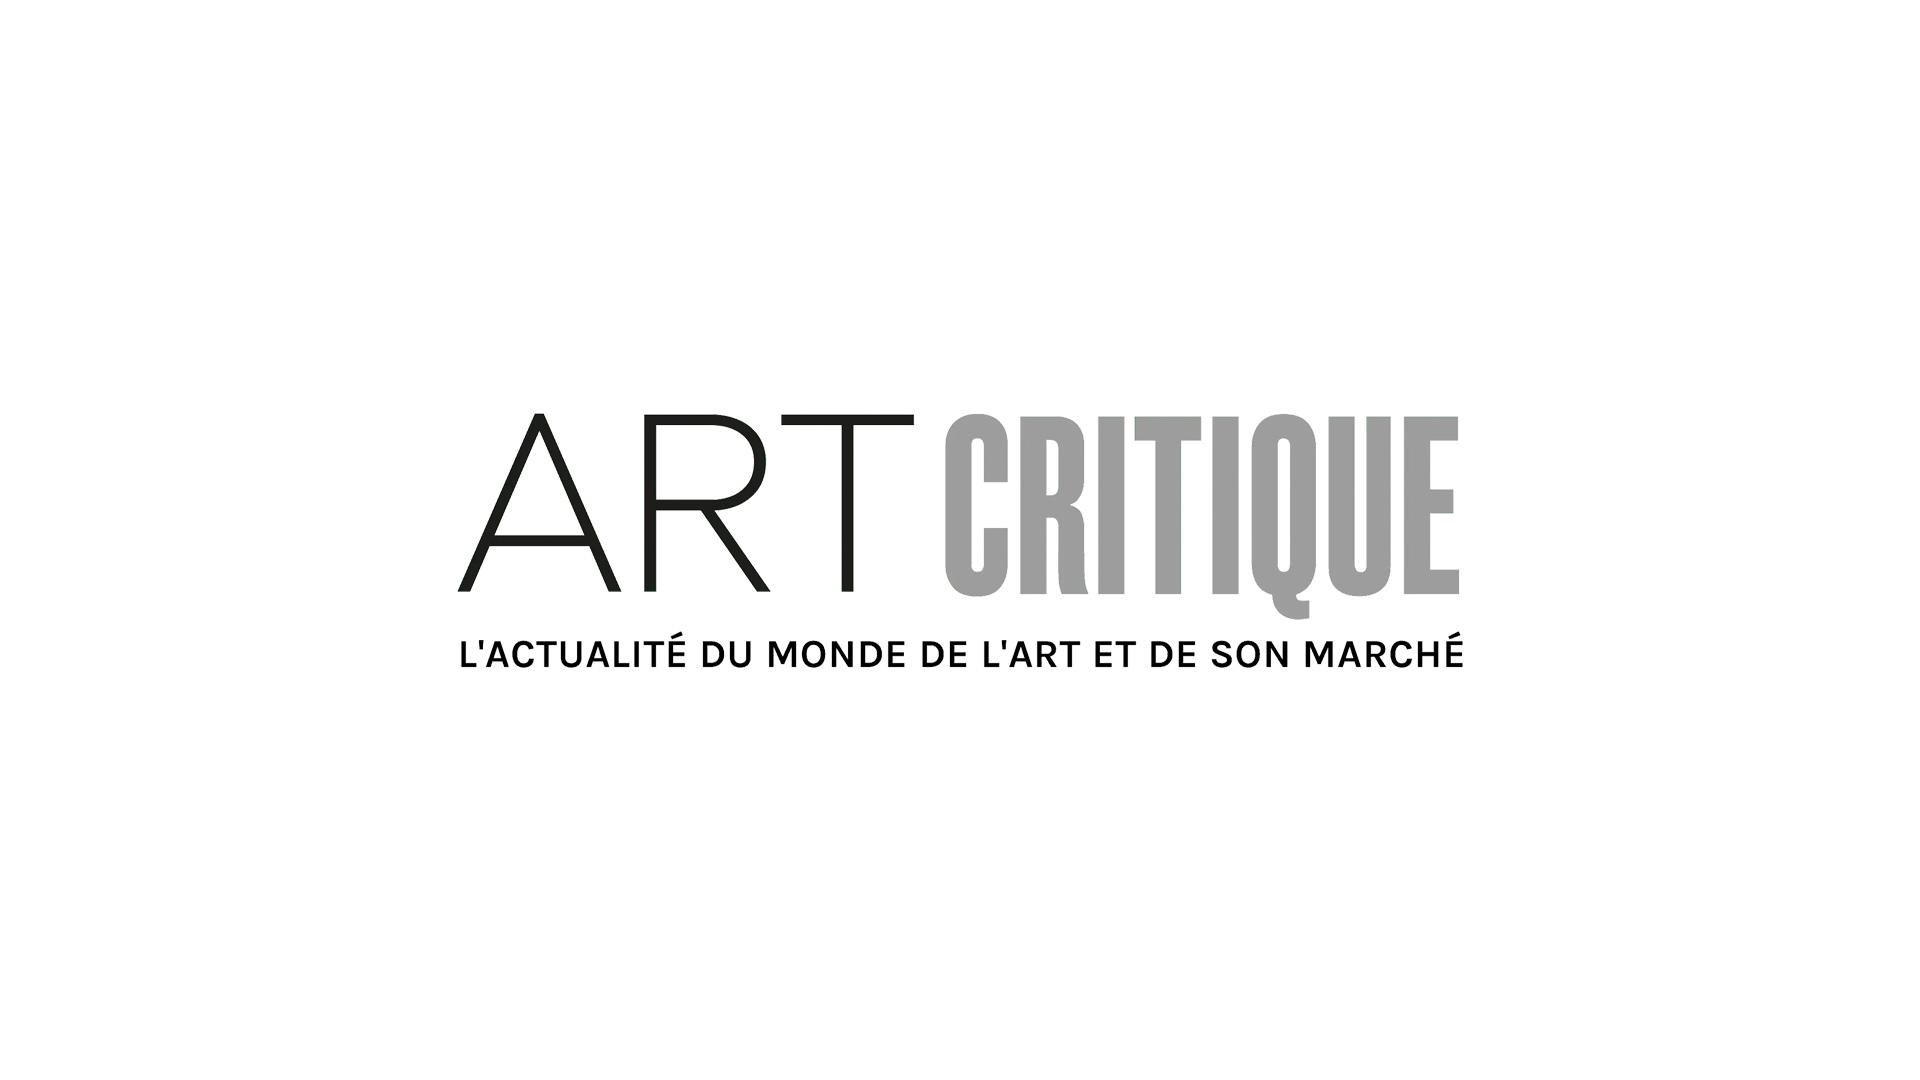 Street art : comment un mouvement est passé du graffiti au monde de l'art (Partie I : le graffiti jusqu'au 21ème siècle et comment il a ouvert la voie au street art)